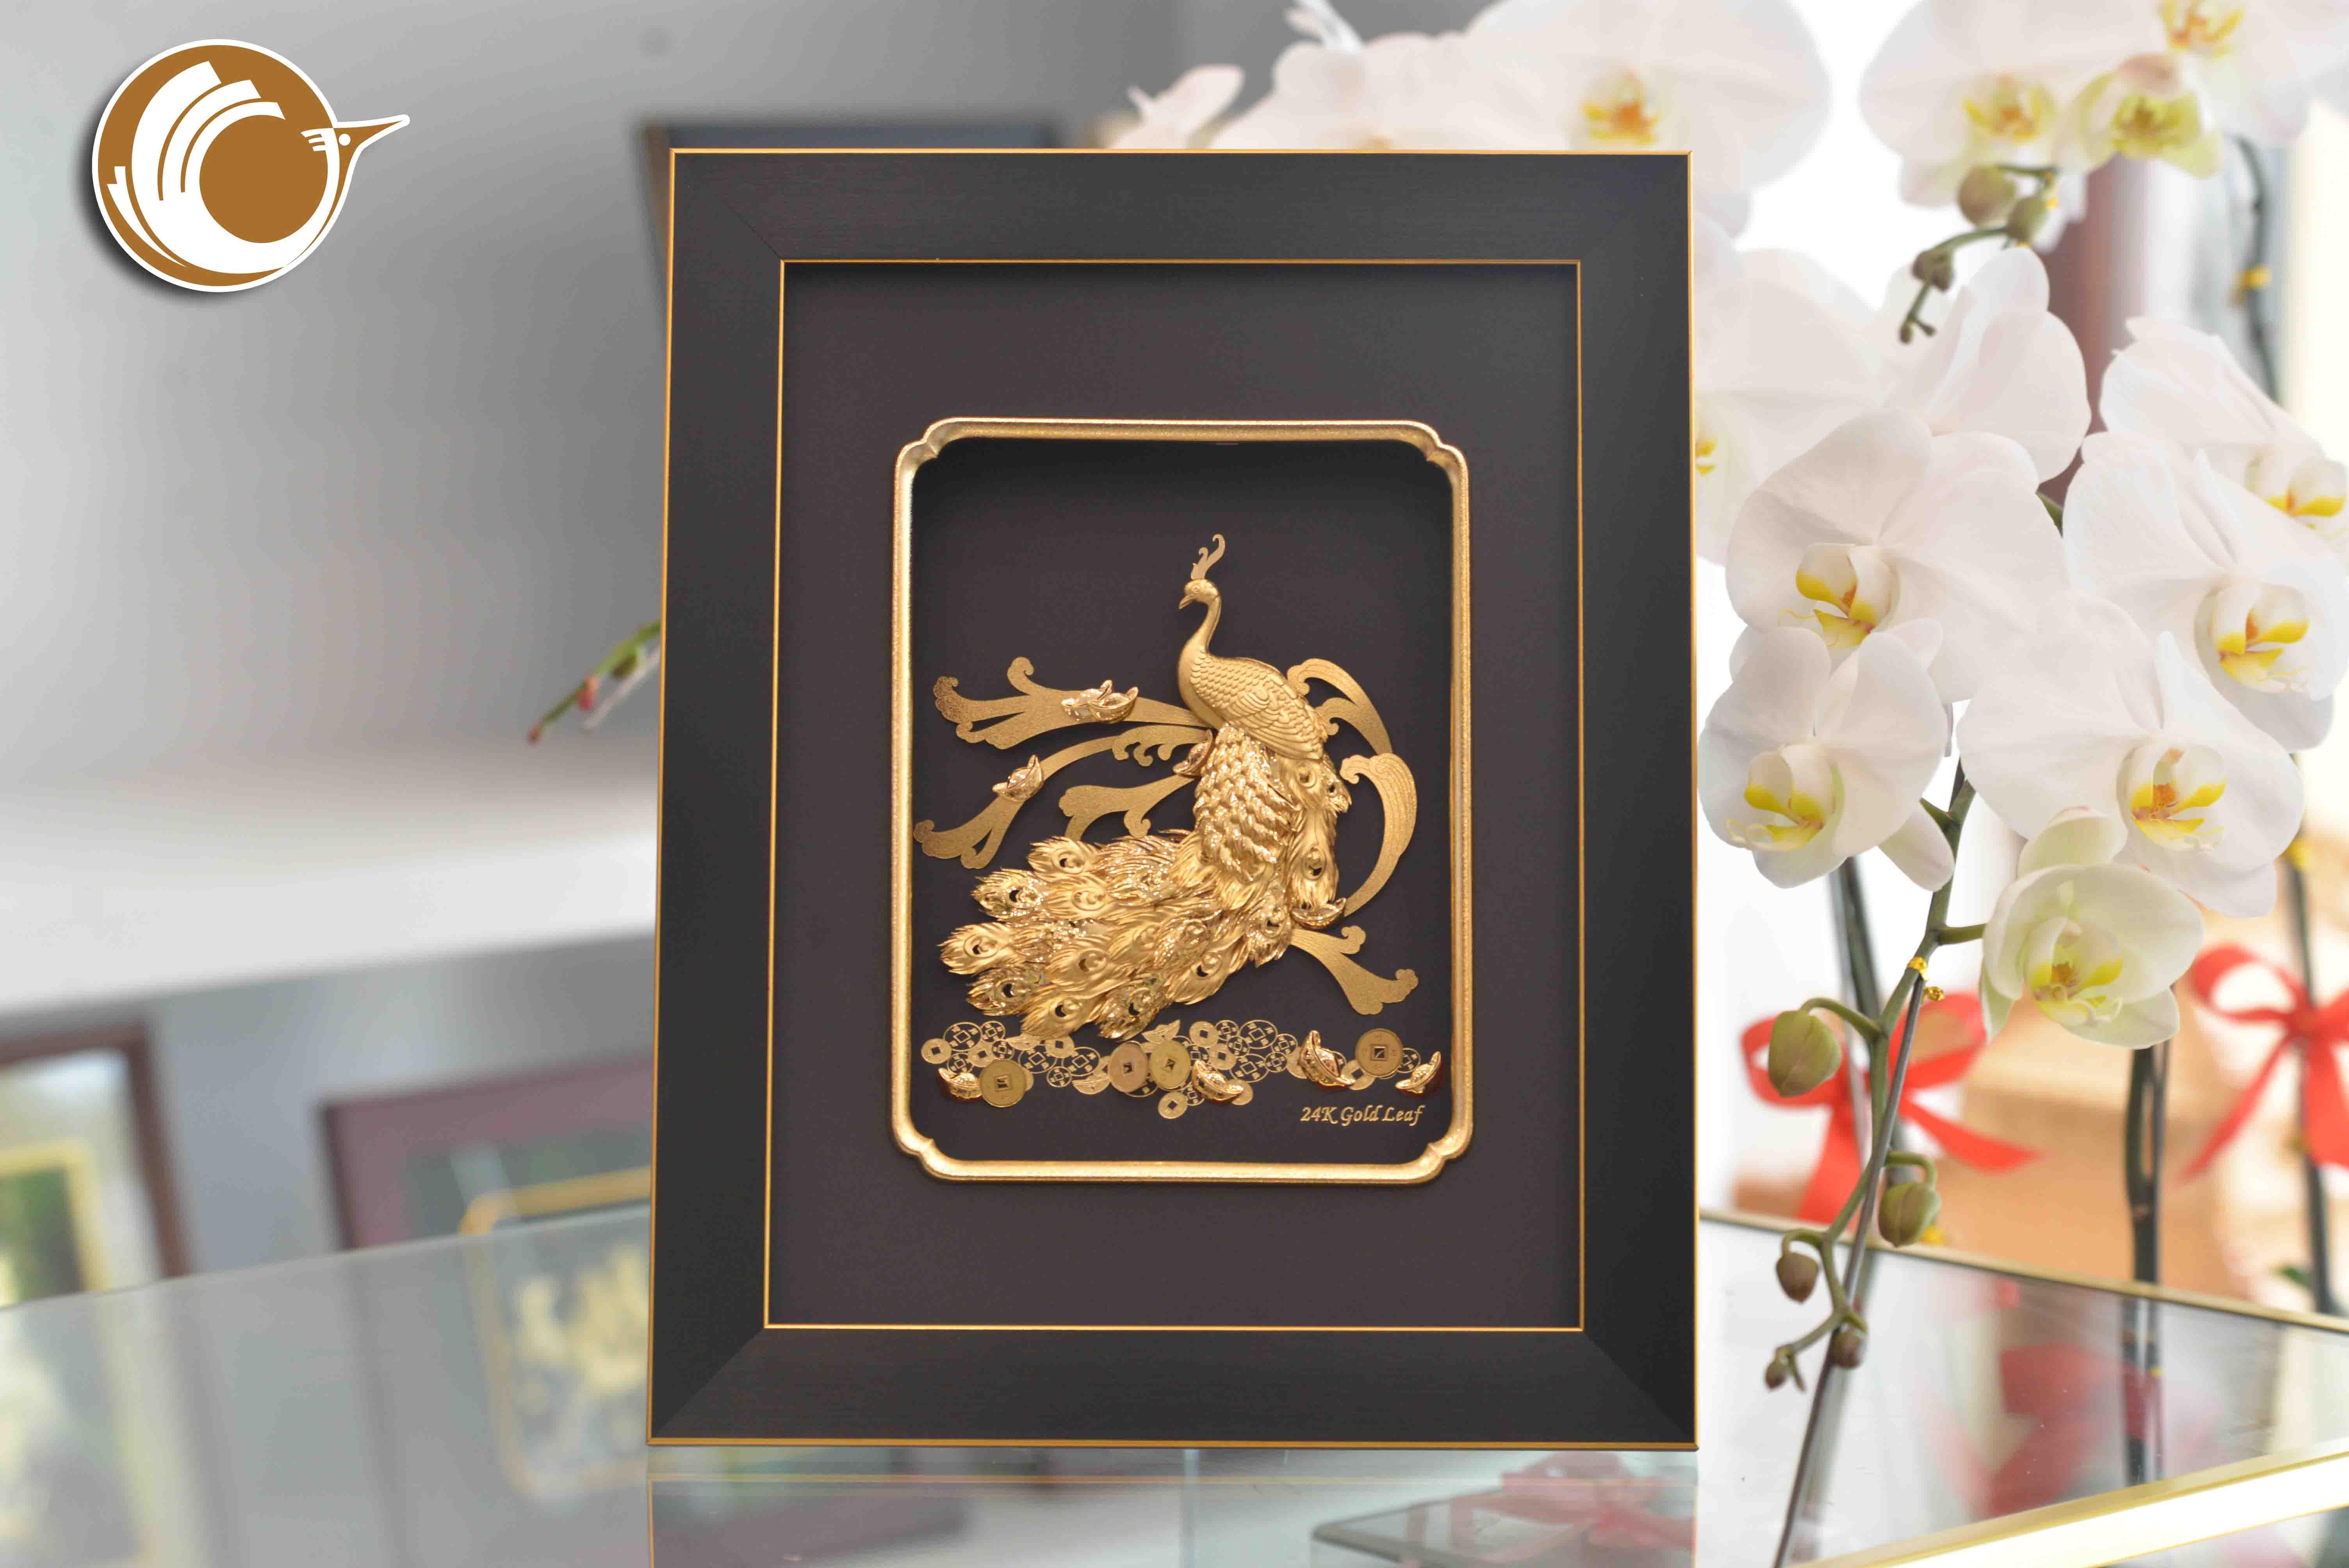 Tranh Công Bằng Vàng Lá 24k, giá bán tranh chim công